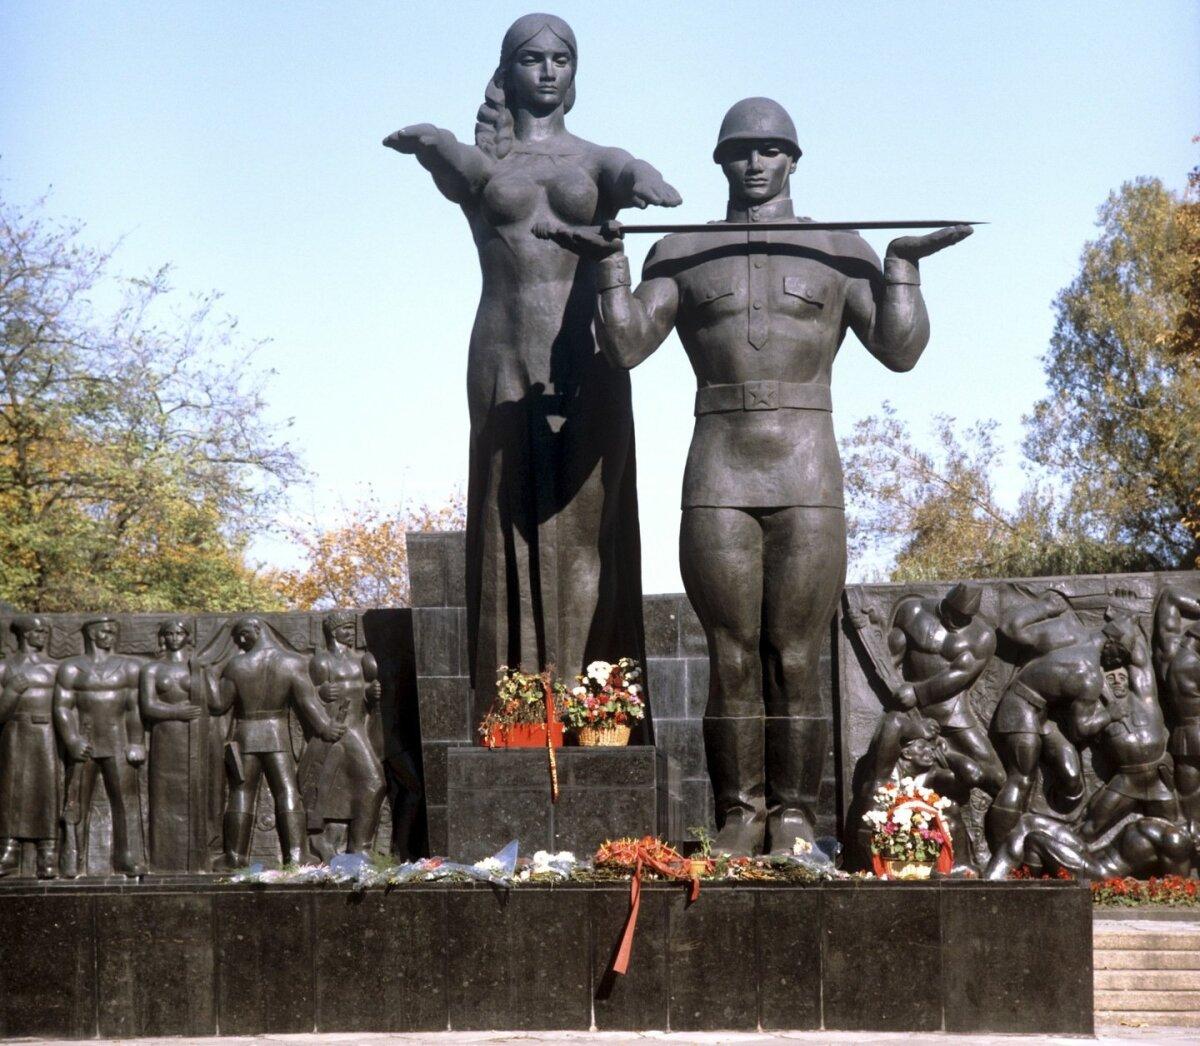 MIDA TEHA SUURE LVIVI MONUMENDIGA?Ekspertiis, tuvastas et tegemist pole mitte kommunistlikku võimu ülistava, vaid Saksa okupatsiooni vastast võitlust sümboliseeriva ausambaga.